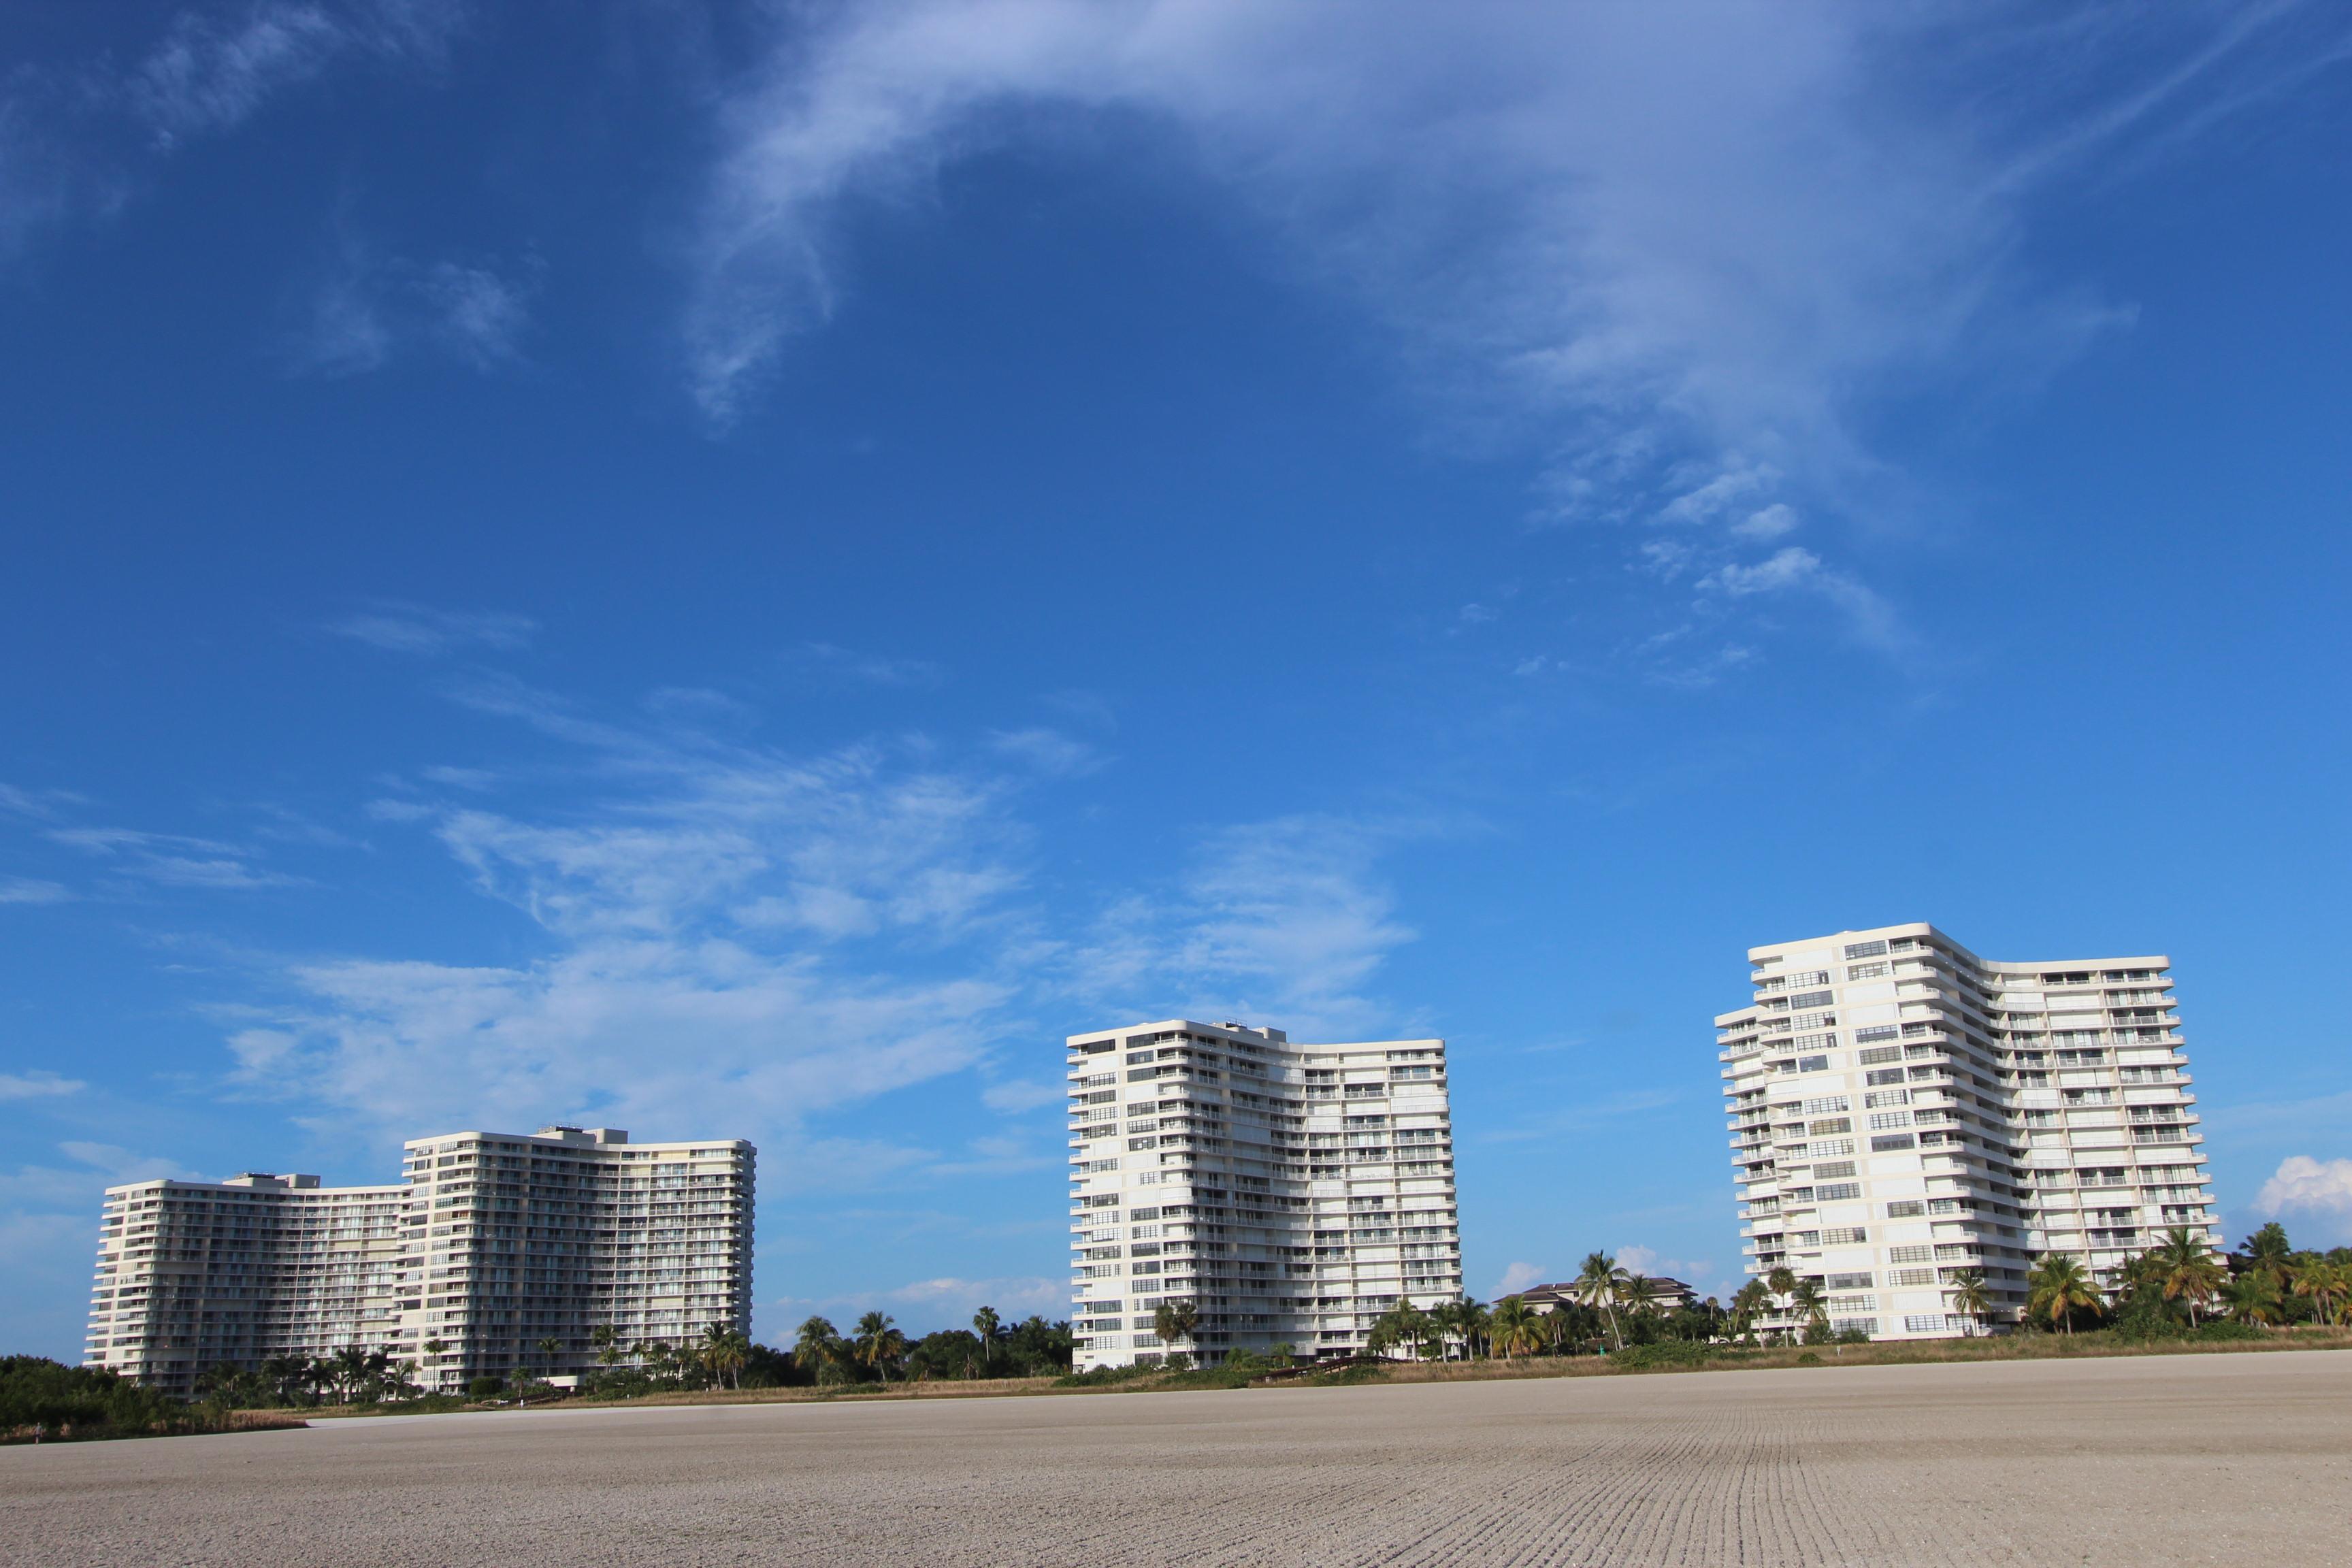 South Seas Towers